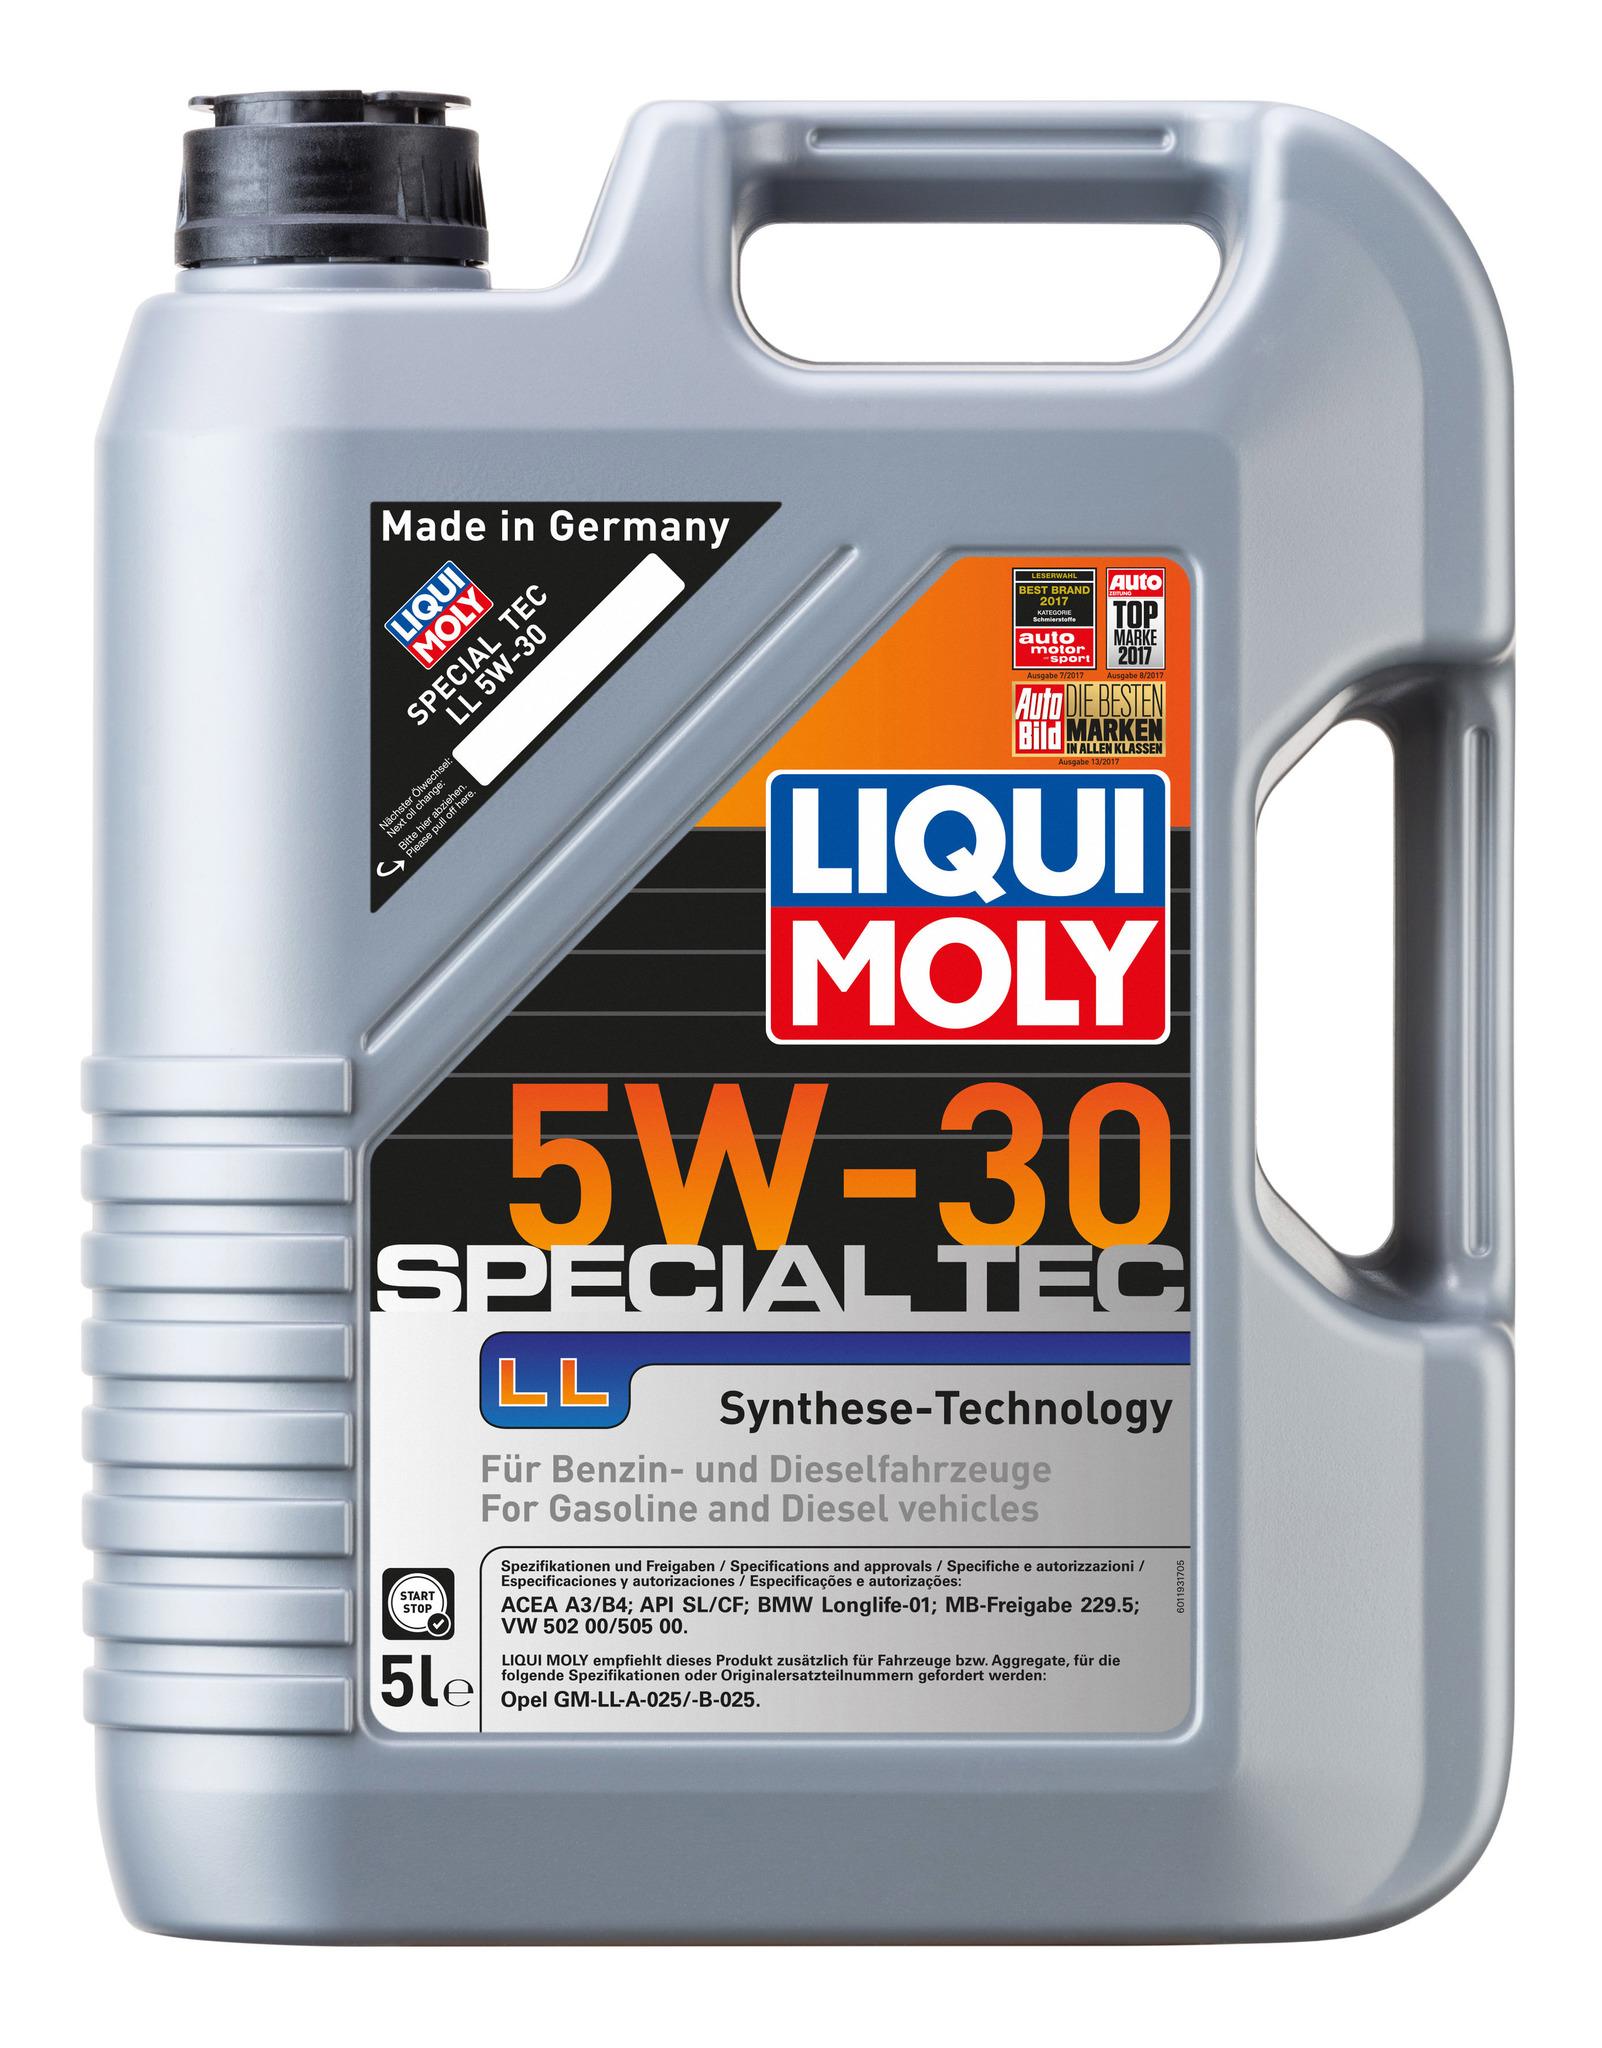 Liqui Moly Special Tec LL 5W30 НС-синтетическое моторное масло для Mercedes-Benz, BMW, VW, Opel (8055)